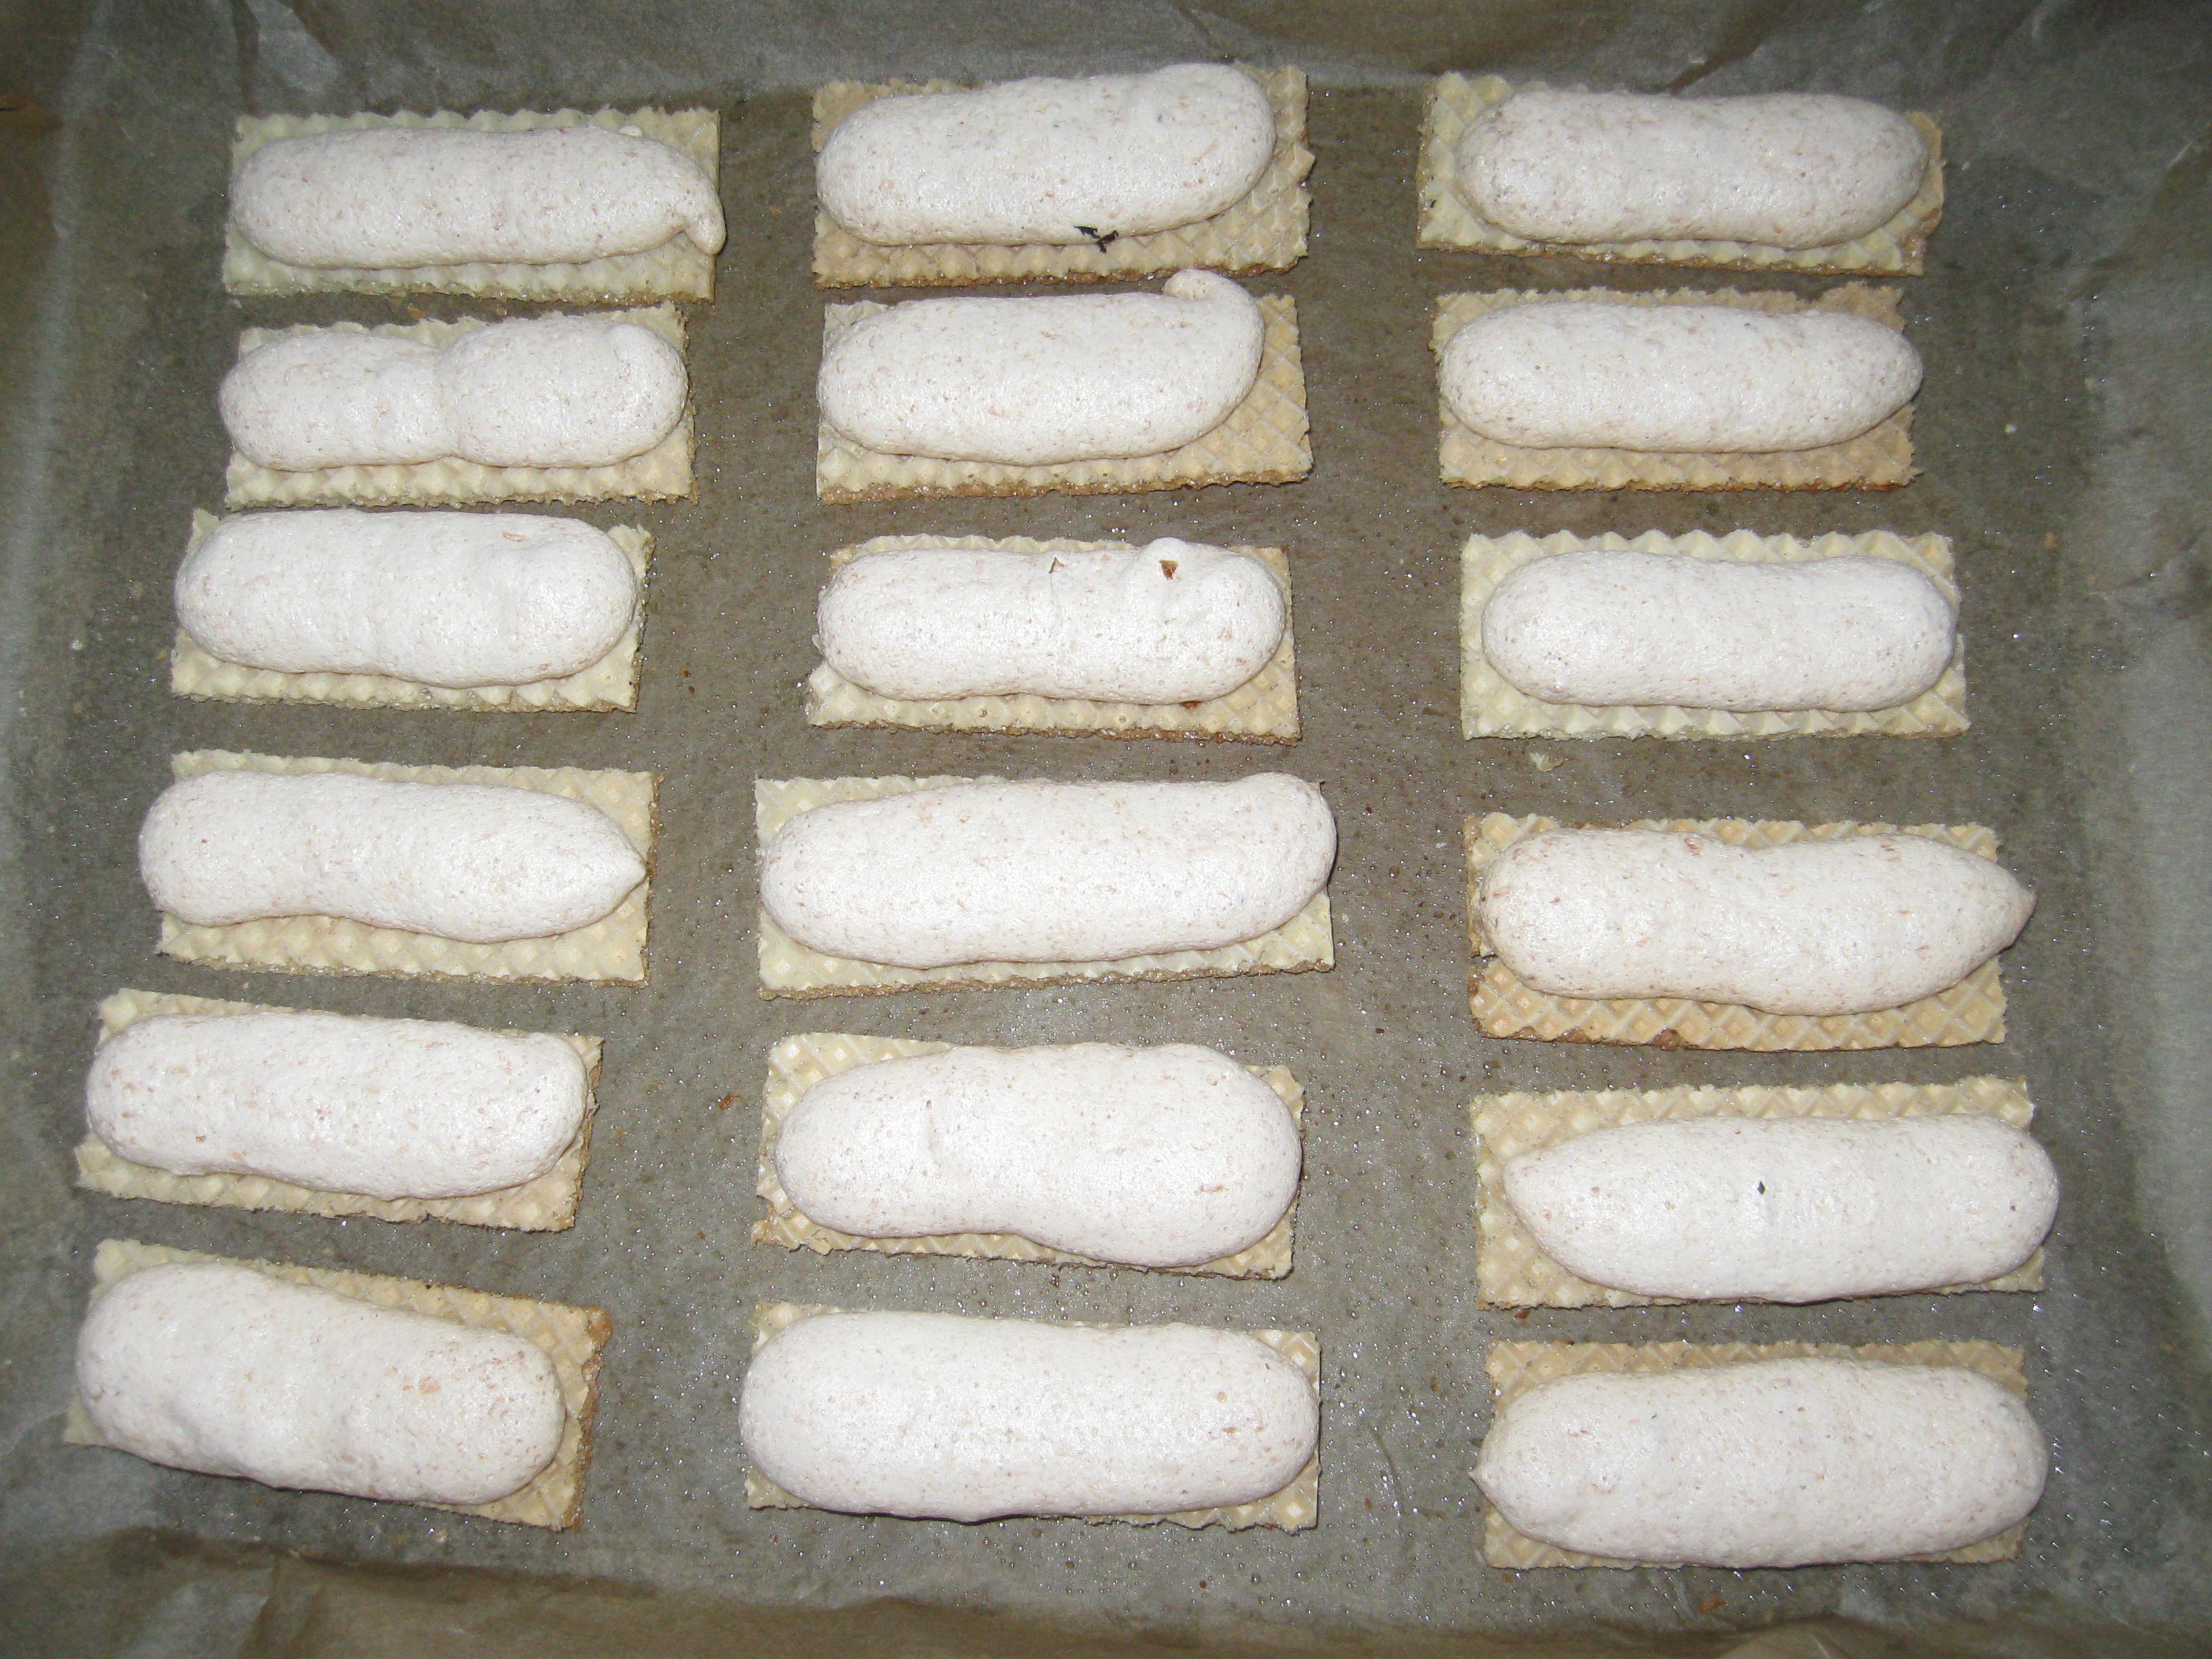 7 Pirozhnye s kokosom i shokoladom